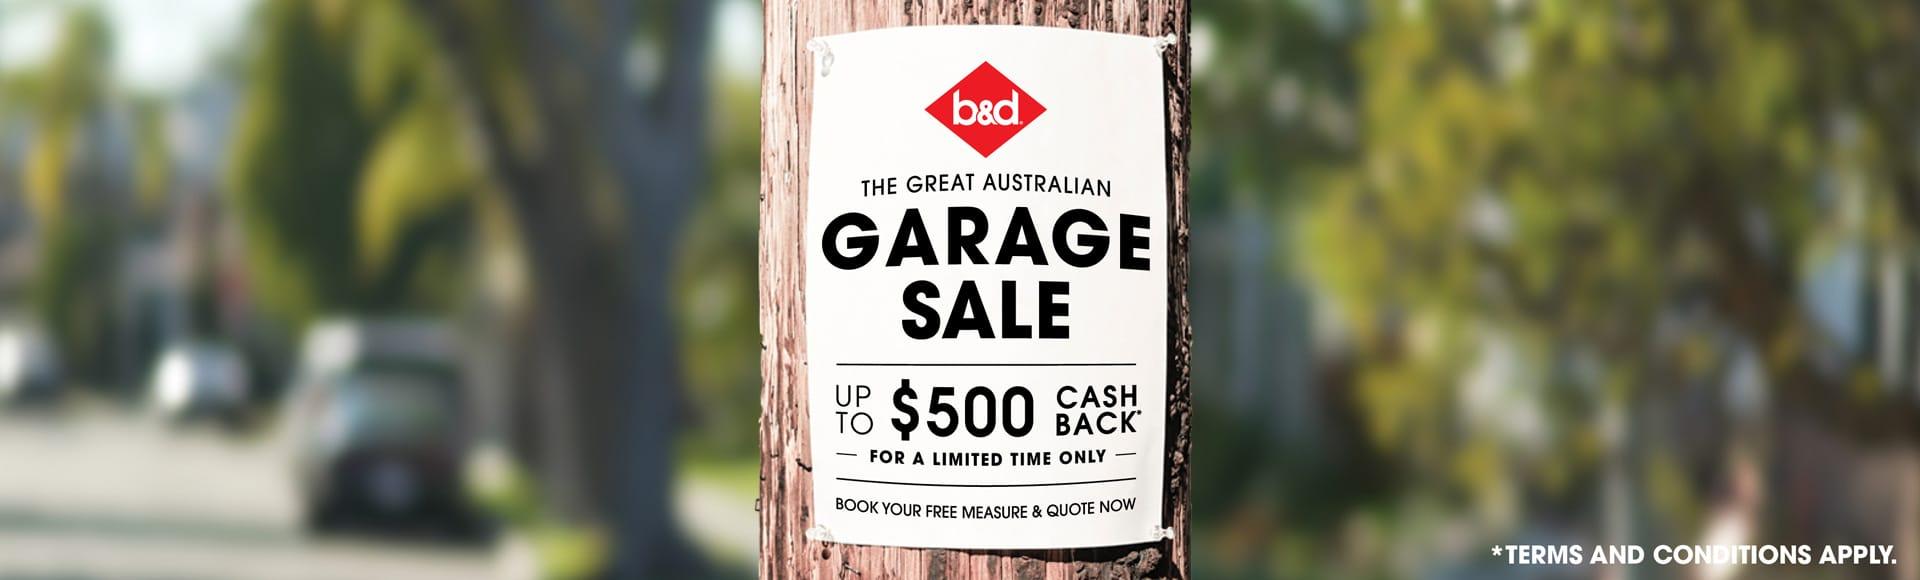 The Great Australian Garage Sale